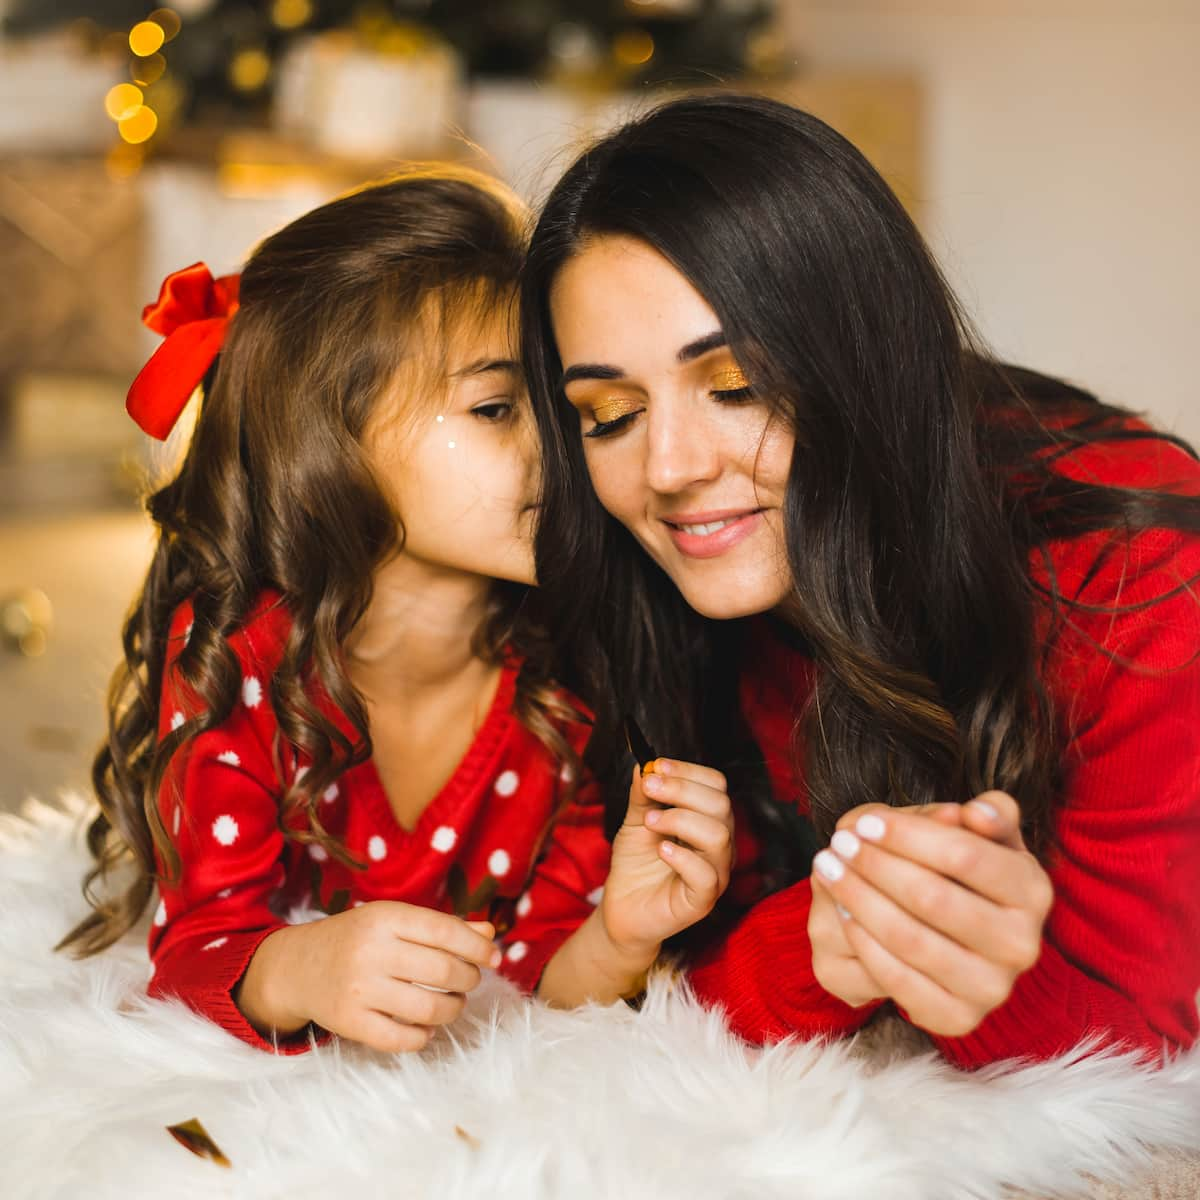 Neue Weihnachts-CDs 2021 Tipps, Informationen, Empfehlungen der Salsango-Redaktion zu neuer Weihnachtsmusik 2021